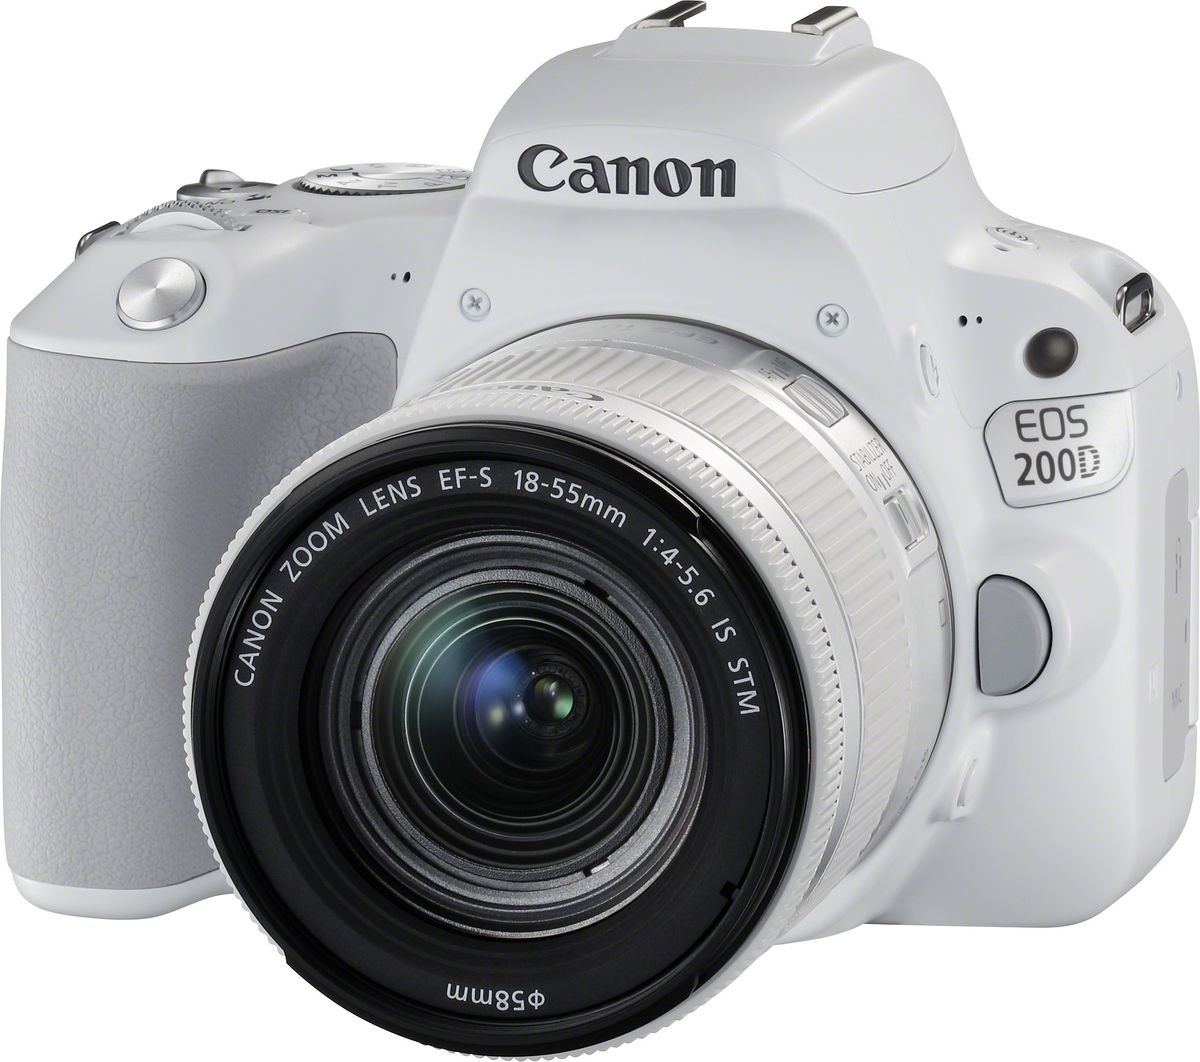 Canon EOS 200D Kit 18-55 IS STM, White цифровая зеркальная фотокамера - Зеркальные фотоаппараты